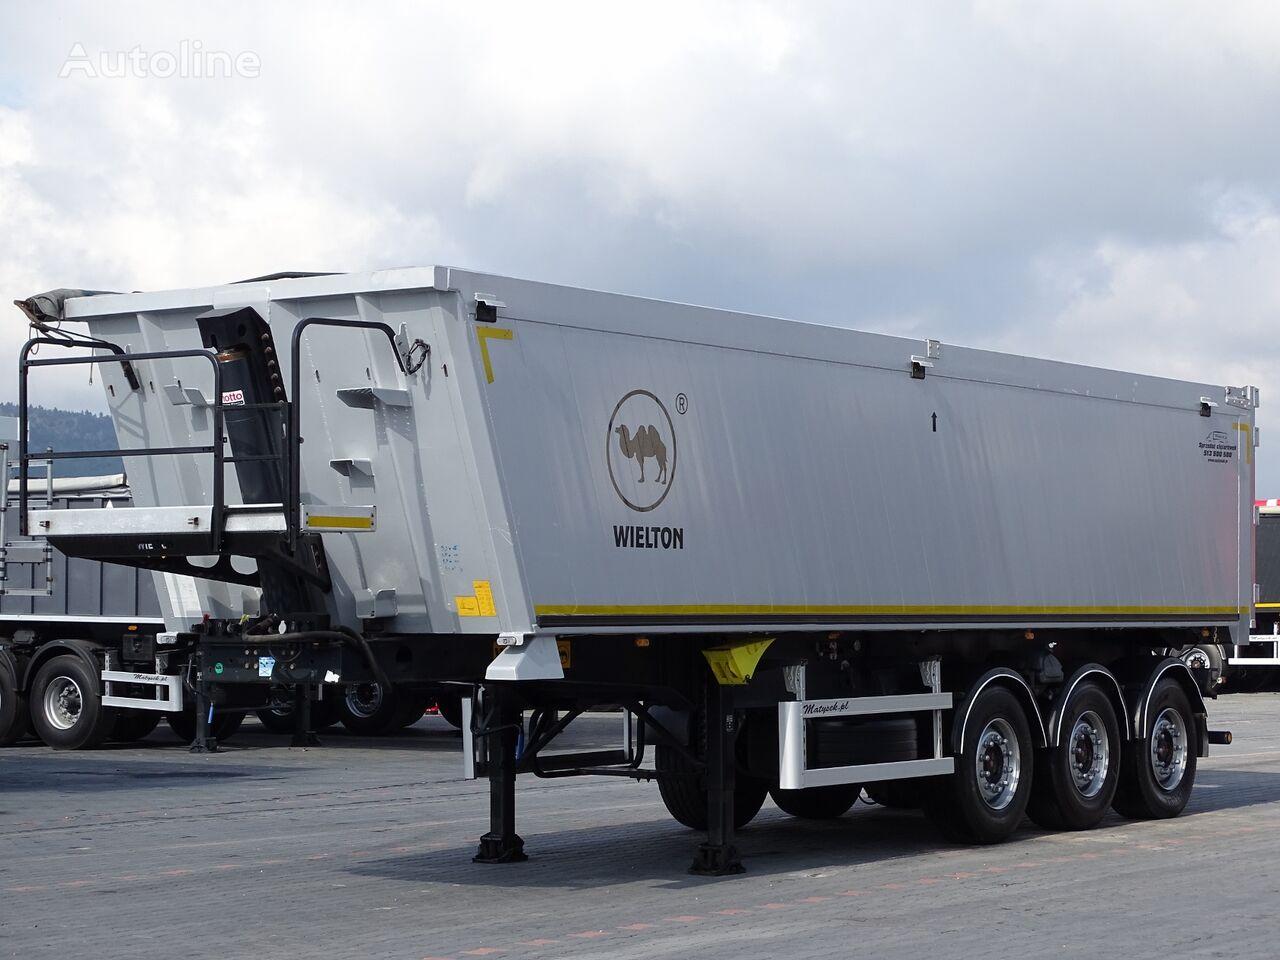 WIELTON TIPPER 38 M3 / FLAP-DOORS / LIFTED AXLE /  tipper semi-trailer